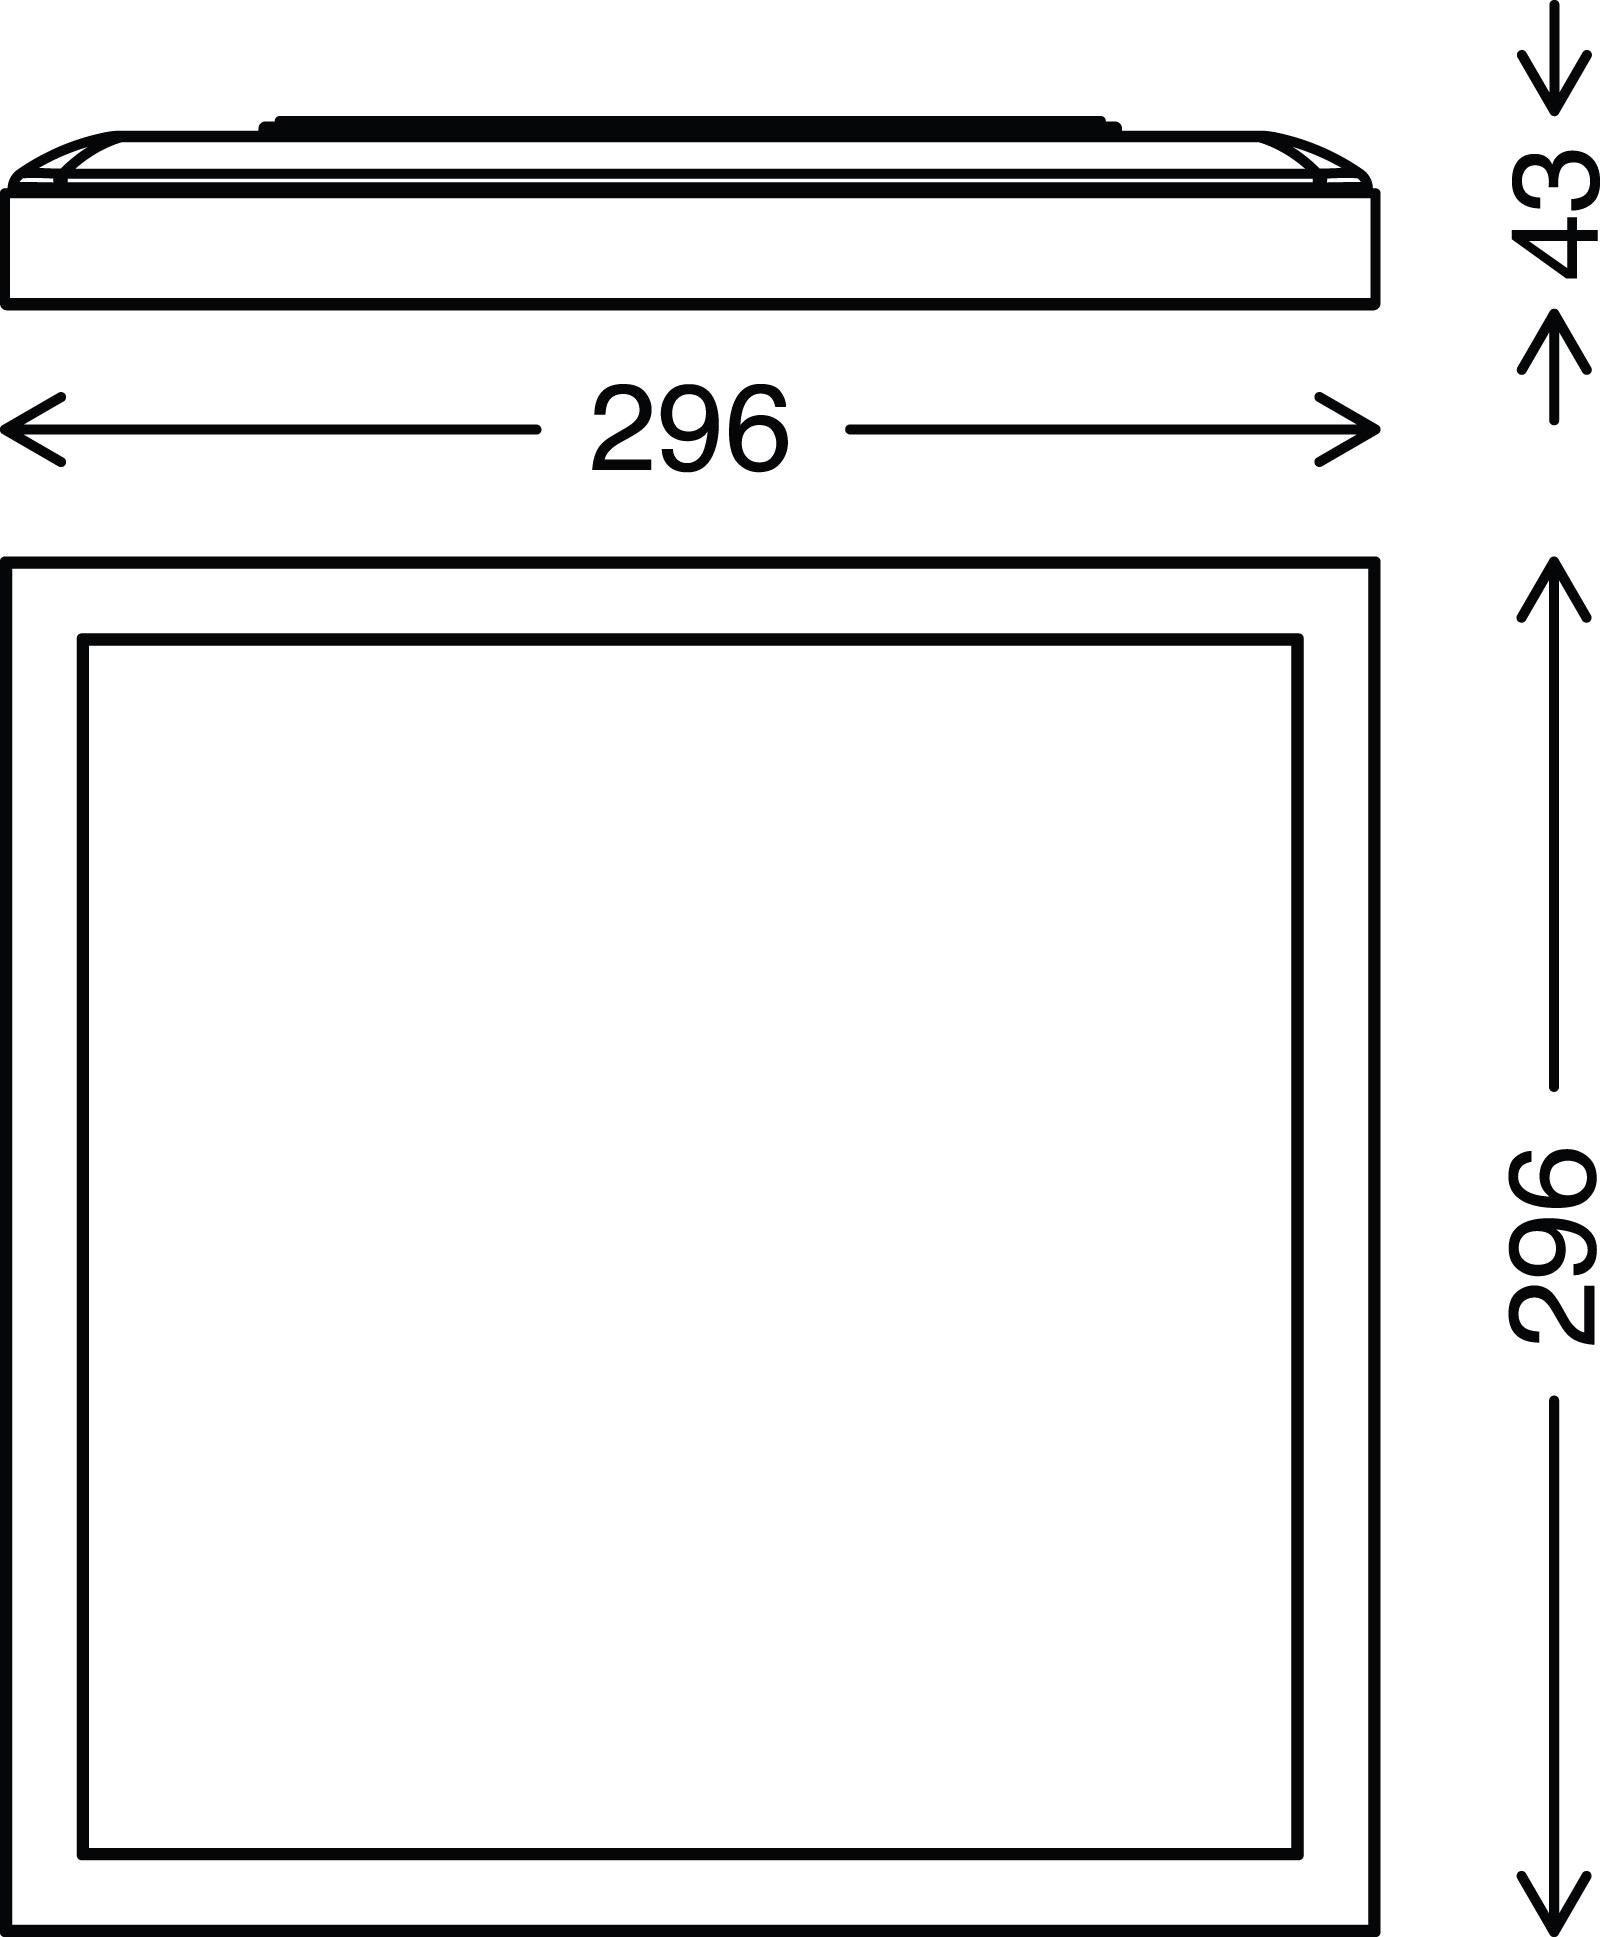 LED Deckenleuchte, 29,6 cm, 18 W, Schwarz